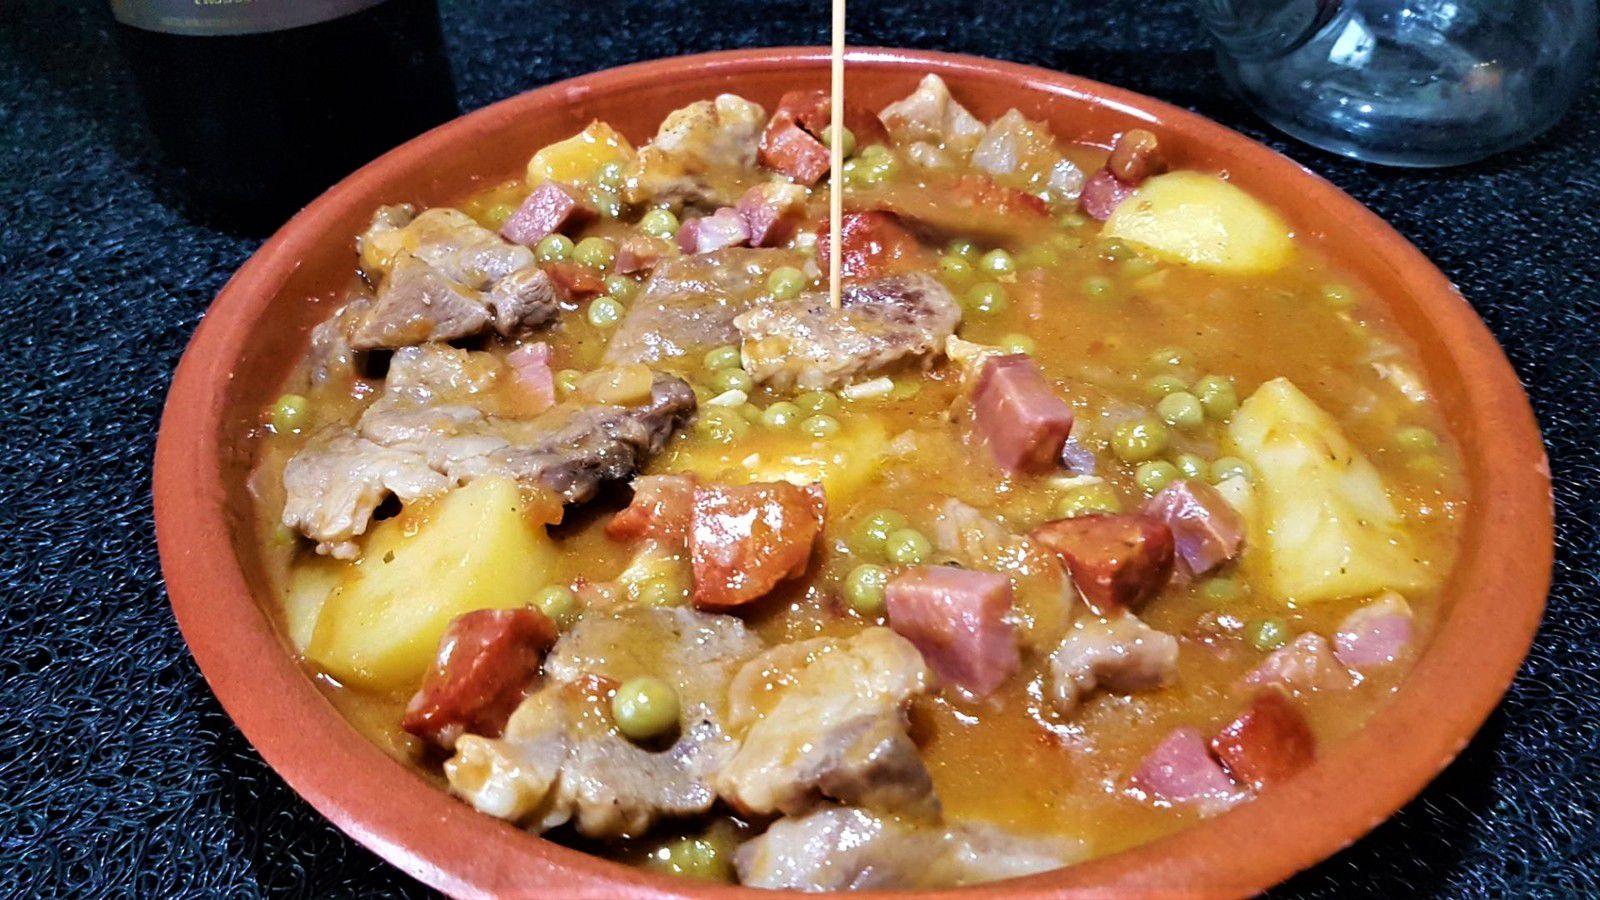 carcamusa de Toledo (ragoût de porc de Tolède)